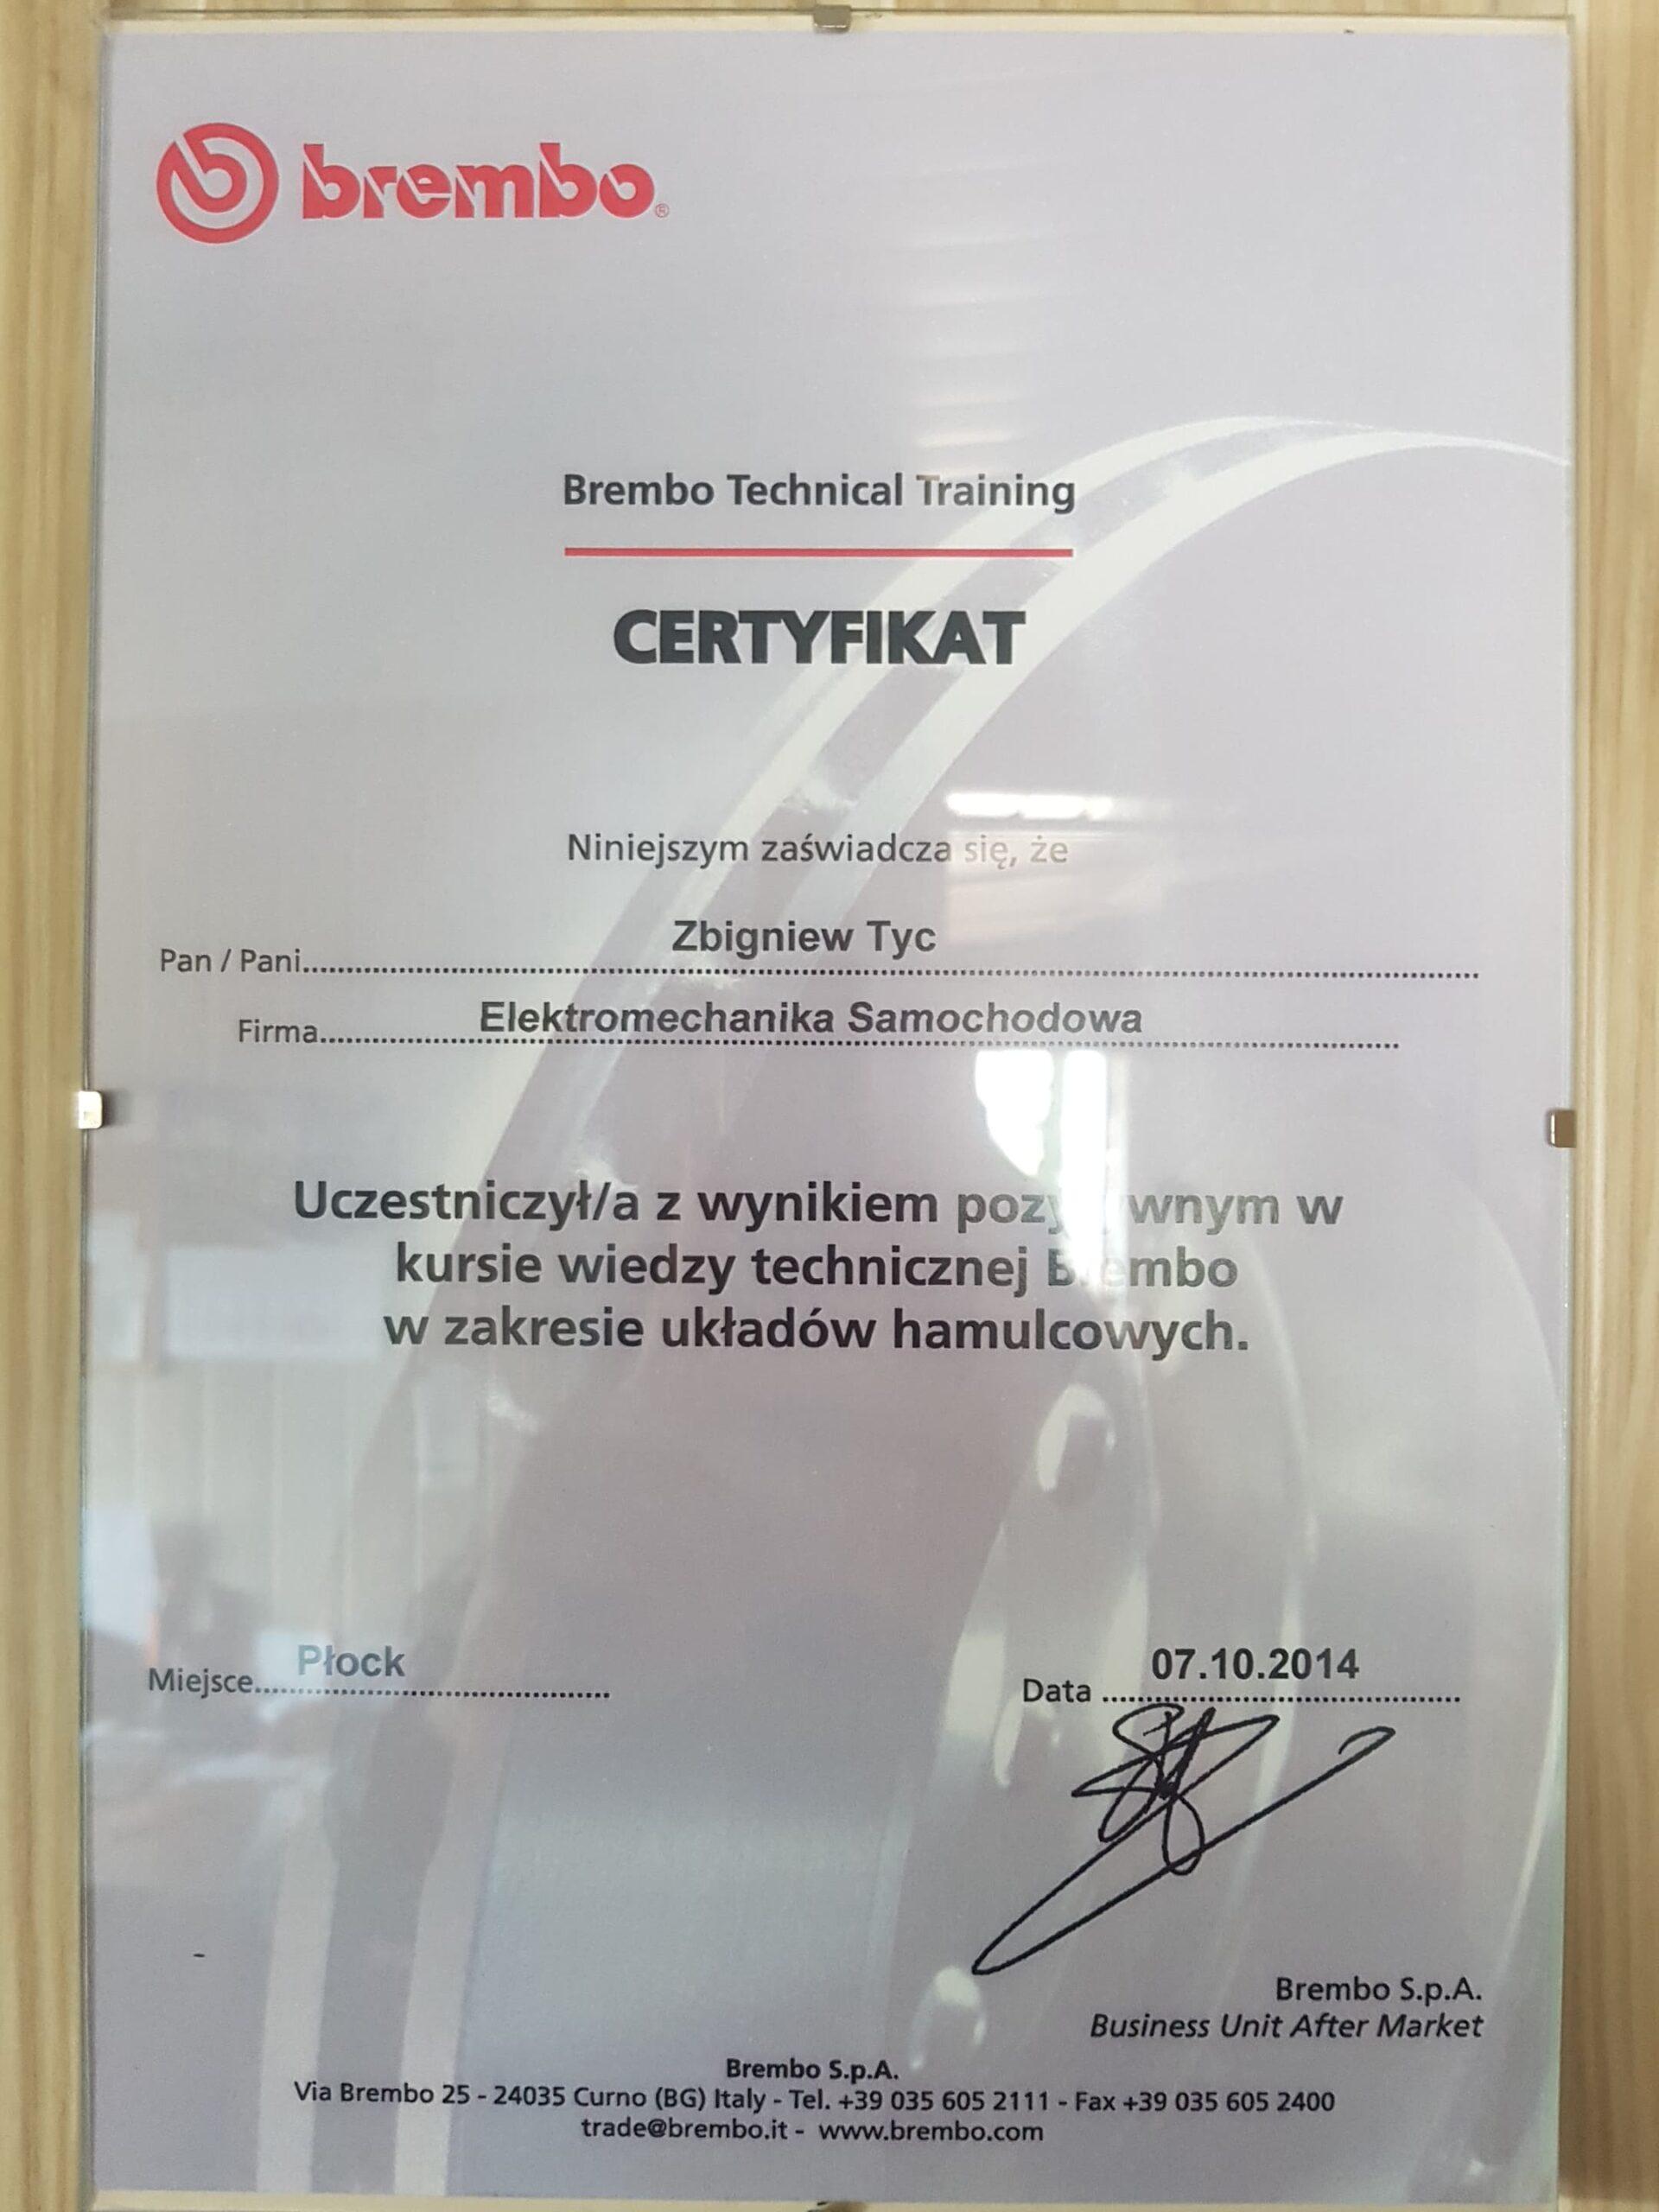 Certyfikat Brembo uklad hamulcowy Elektromechanika Tyc Płock